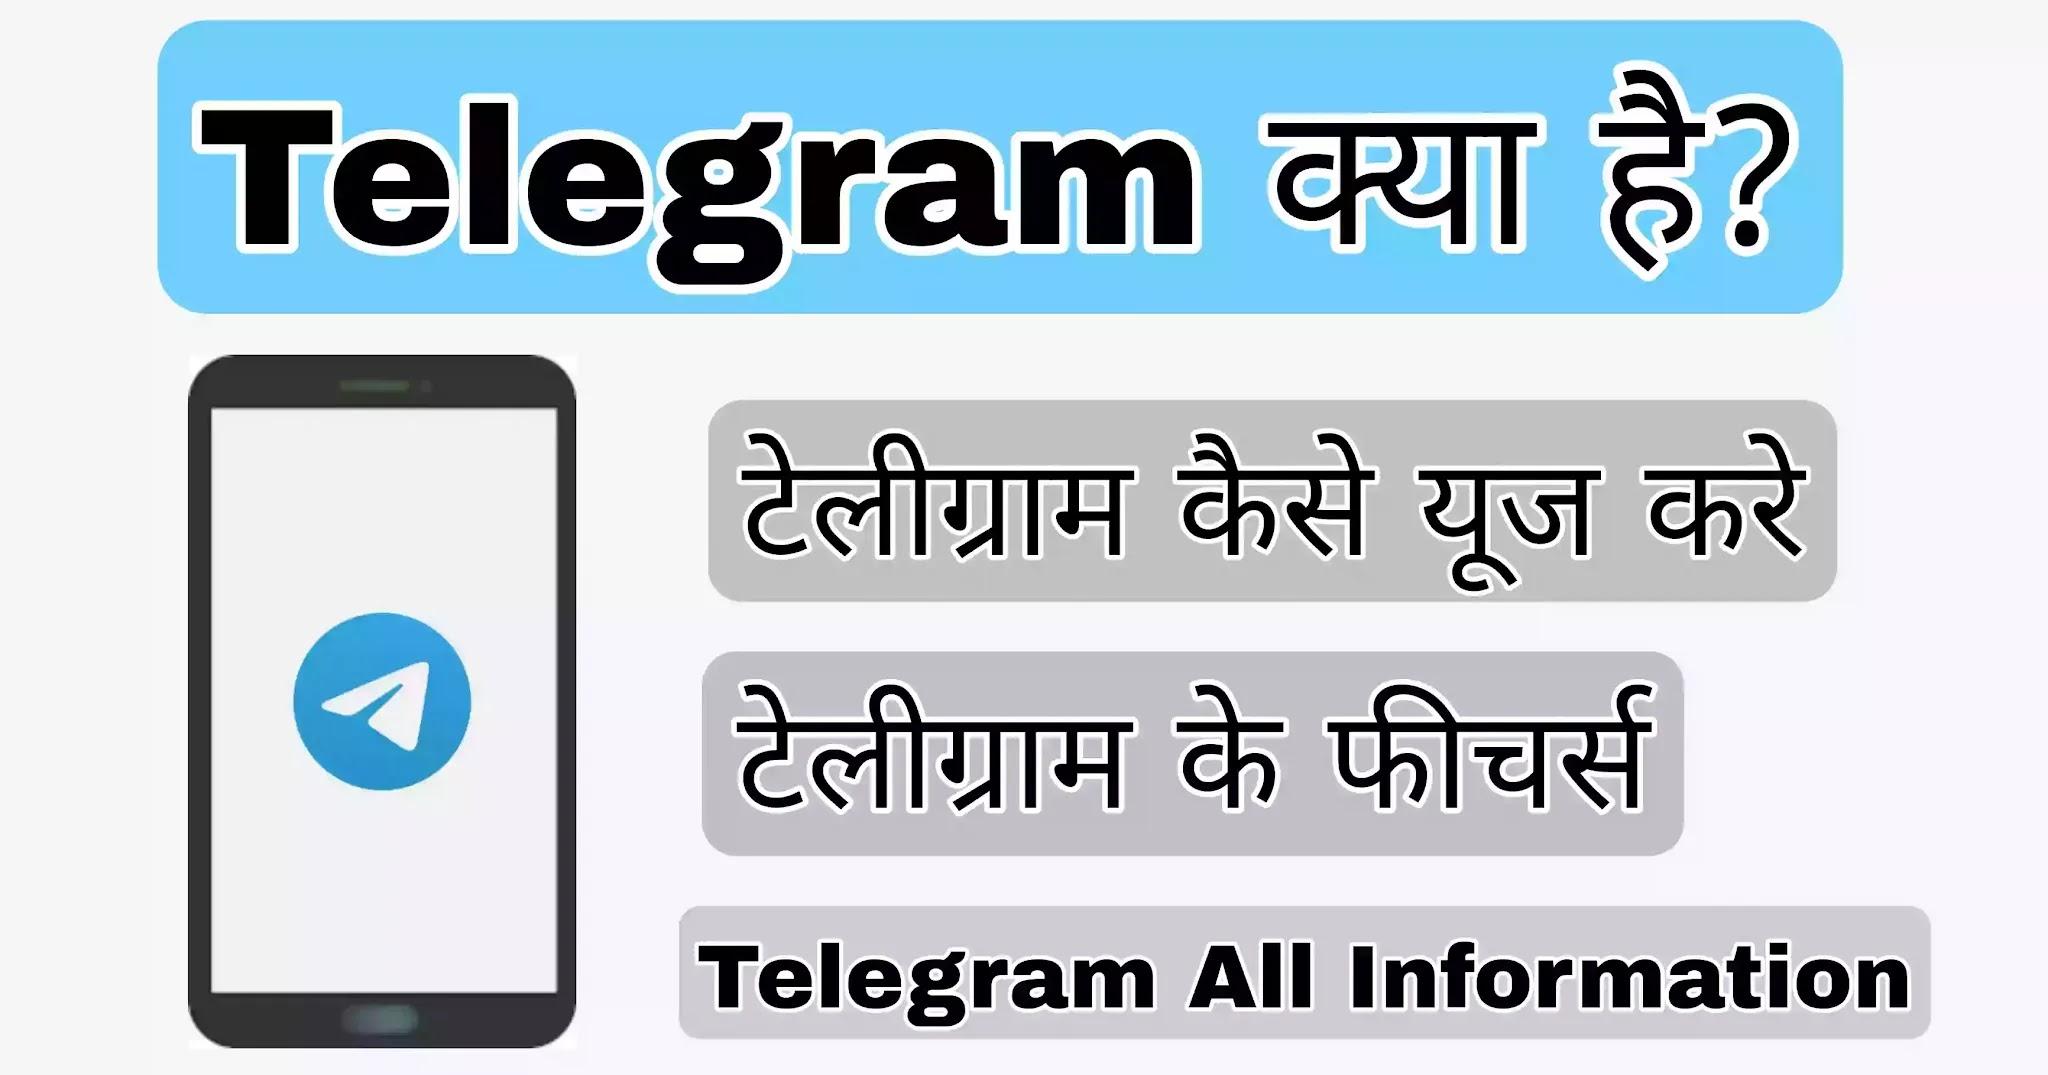 टेलीग्राम क्या है?